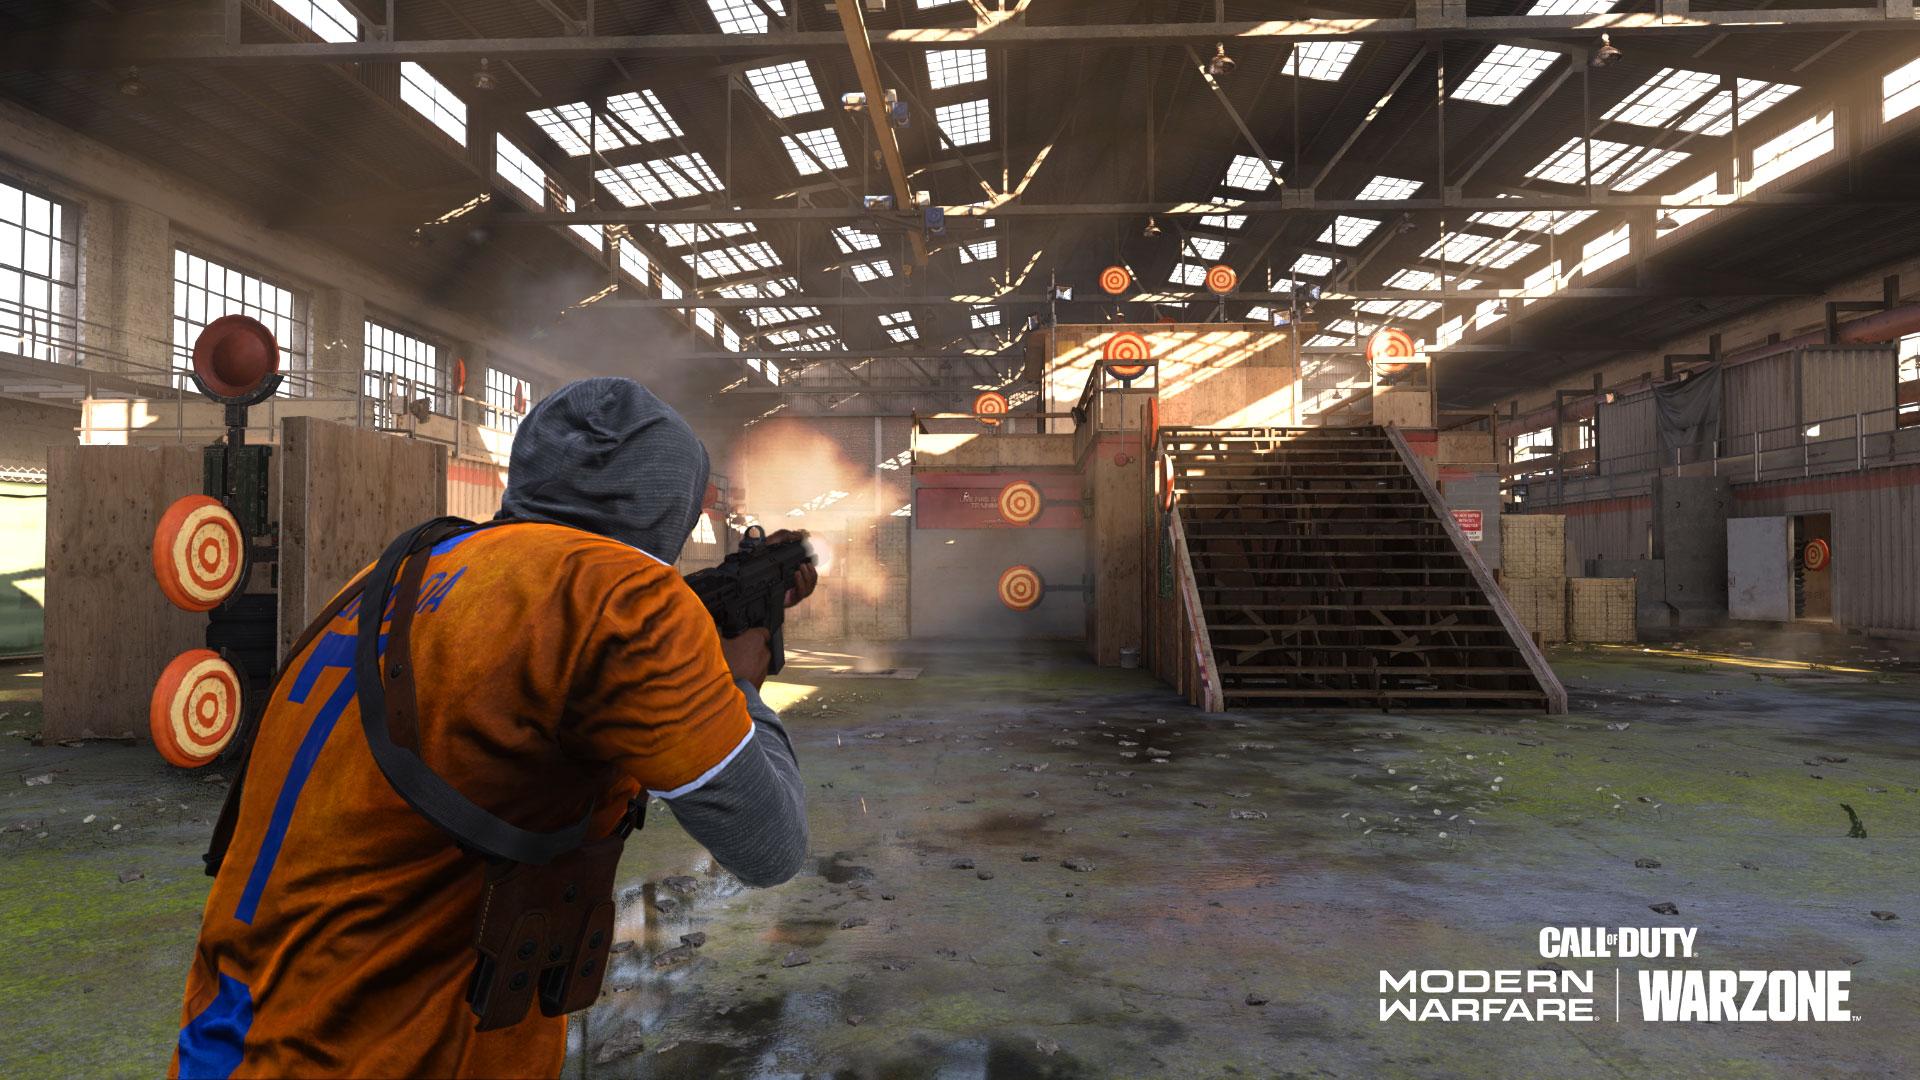 Warzone shooting range